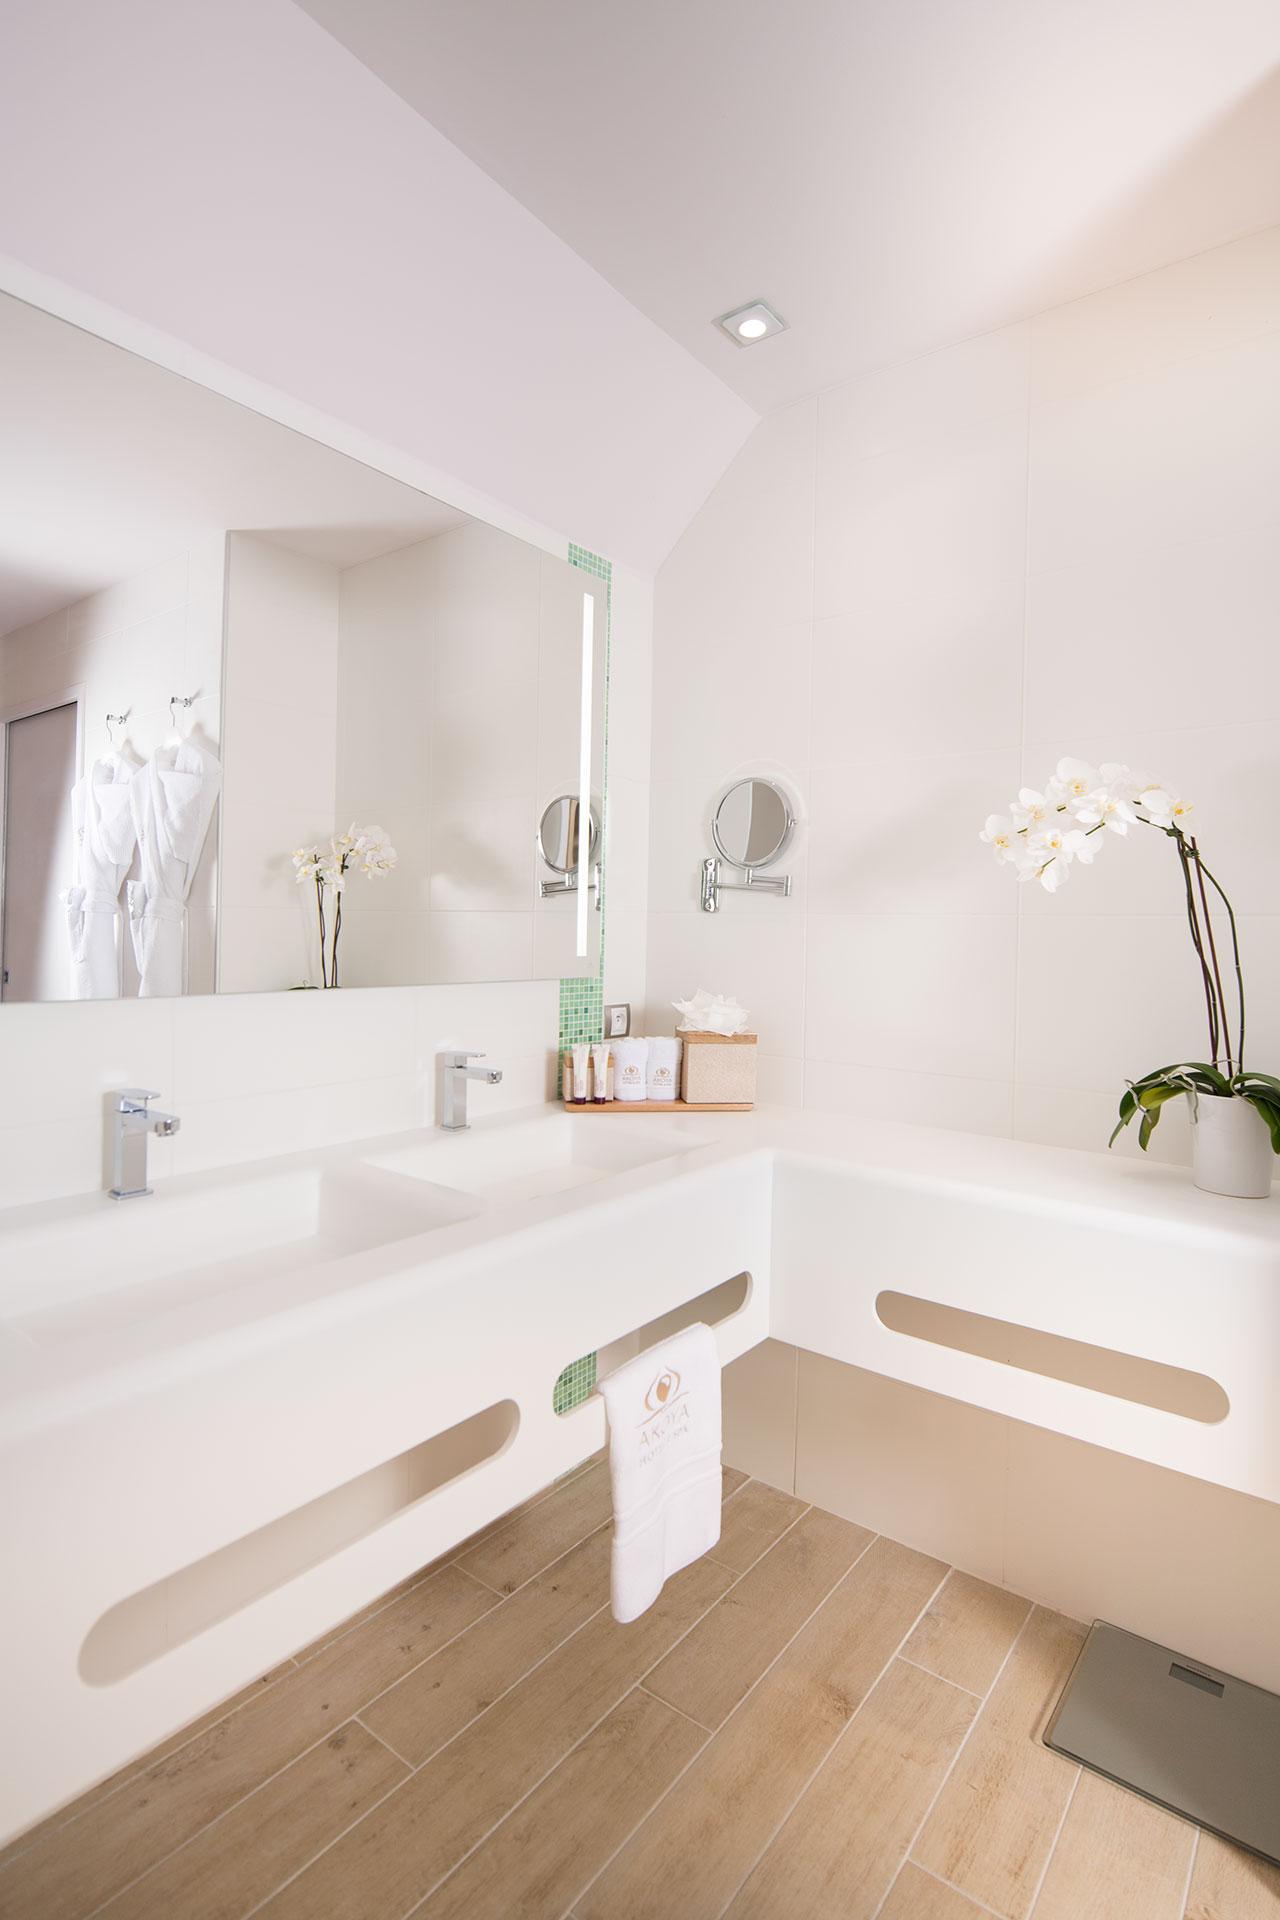 Bloc Ytong Pour Salle De Bain ~  quipements de salle de bains en surface solide solid surface krion